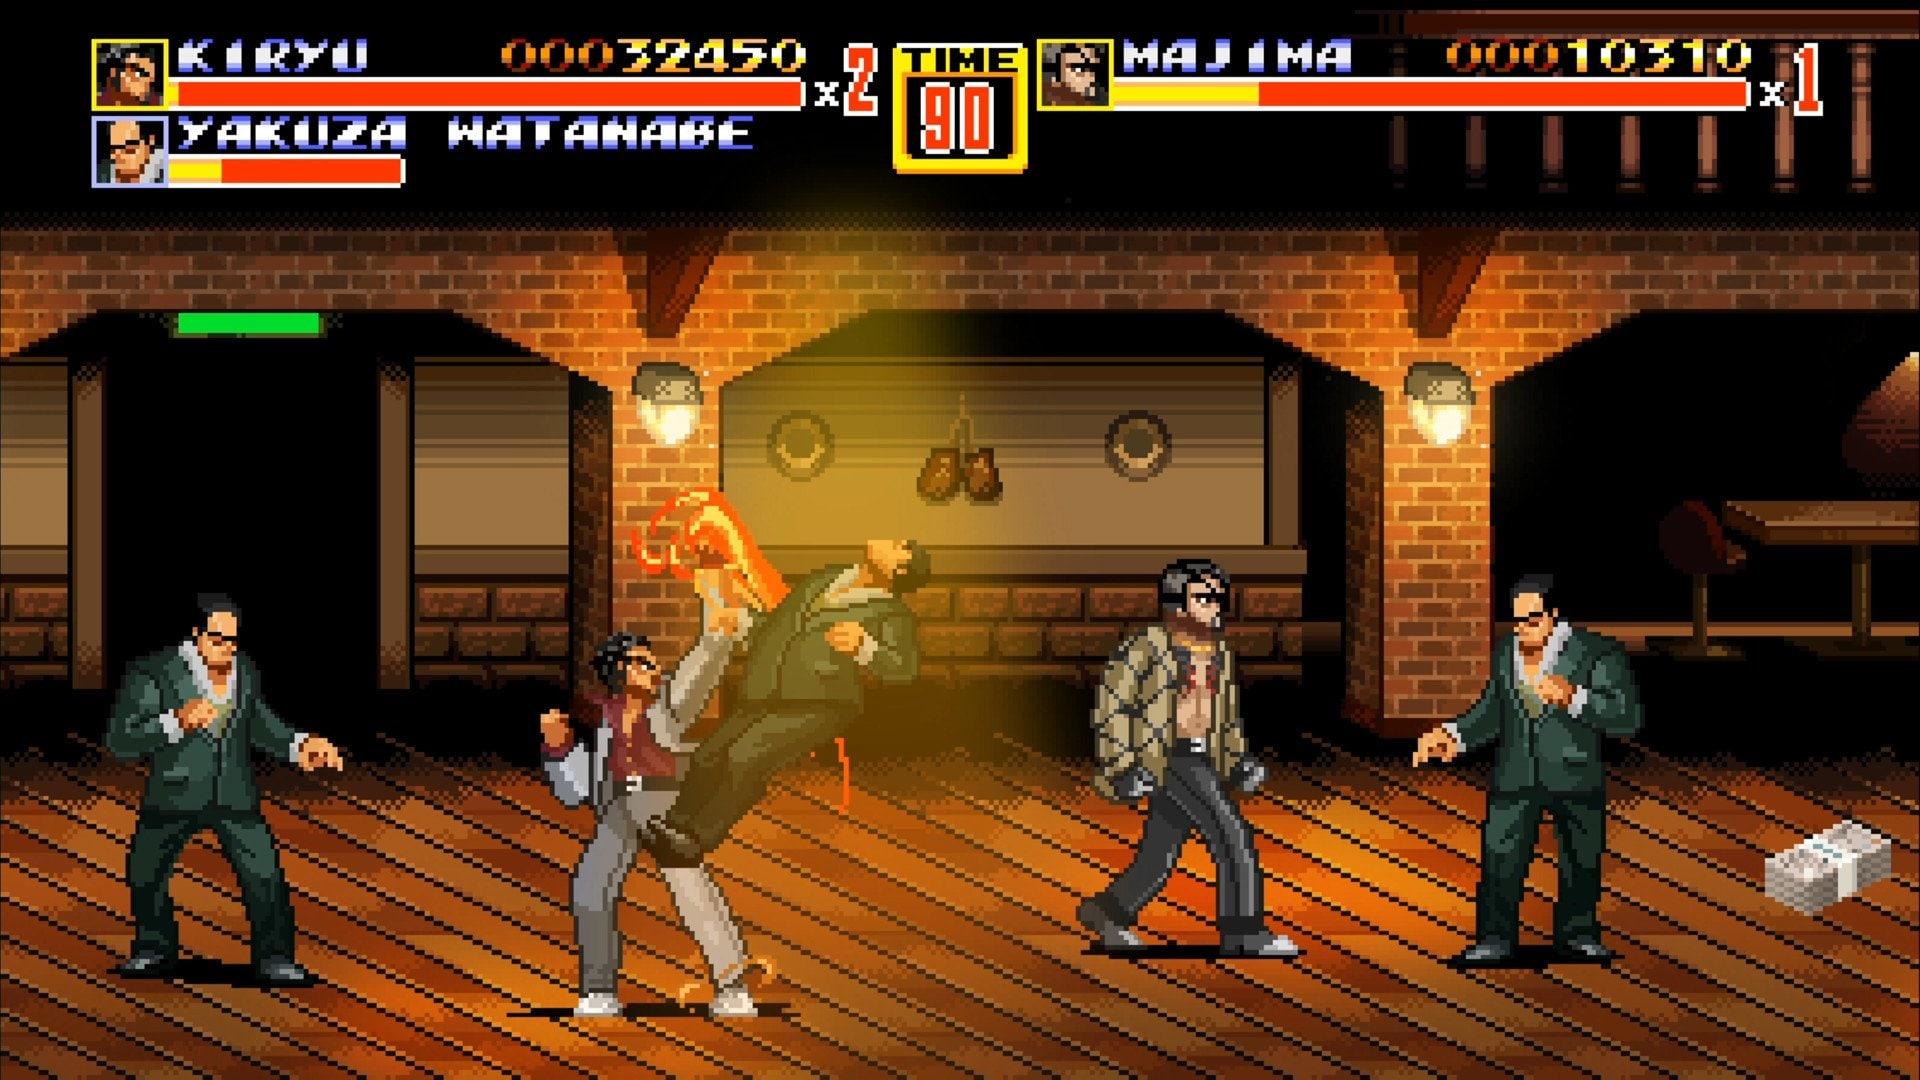 メガドライブの傑作『ベア・ナックル2』に『ゴールデンアックス』も? セガ60周年記念のSteam無料配信ゲームが懐かしすぎるの画像003